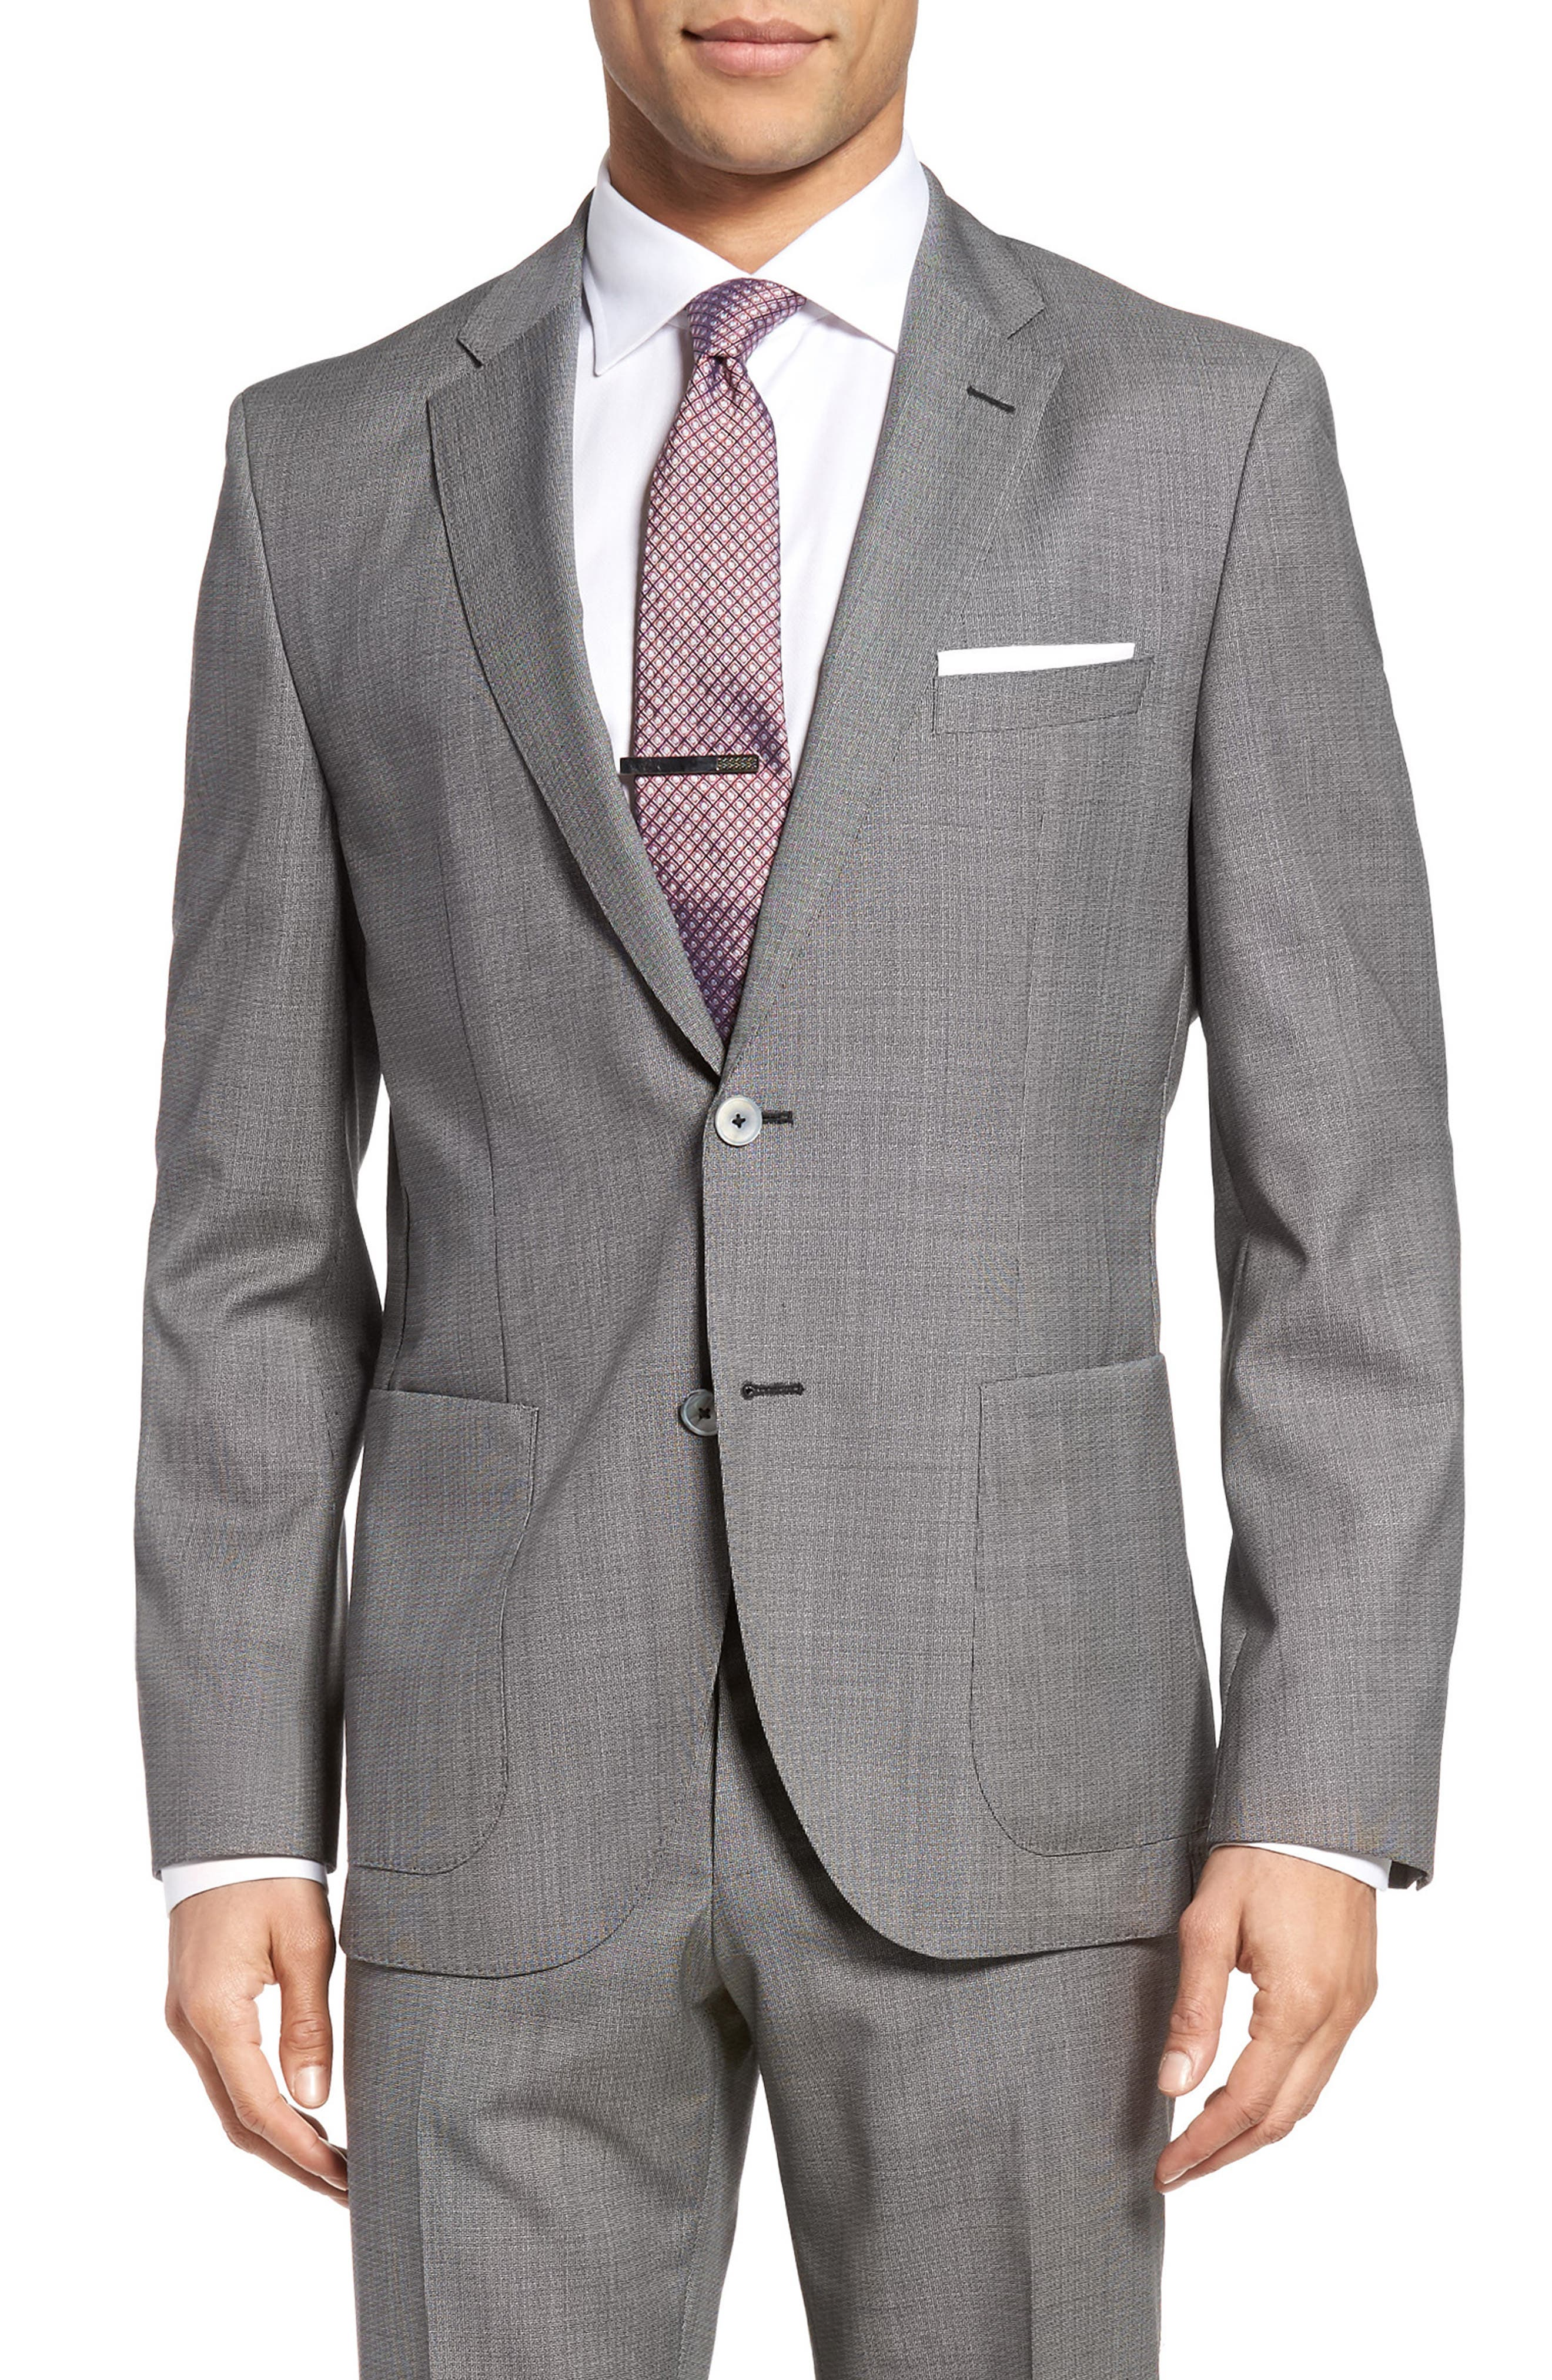 Janon/Lenon Trim Fit Solid Wool Suit,                             Alternate thumbnail 5, color,                             020